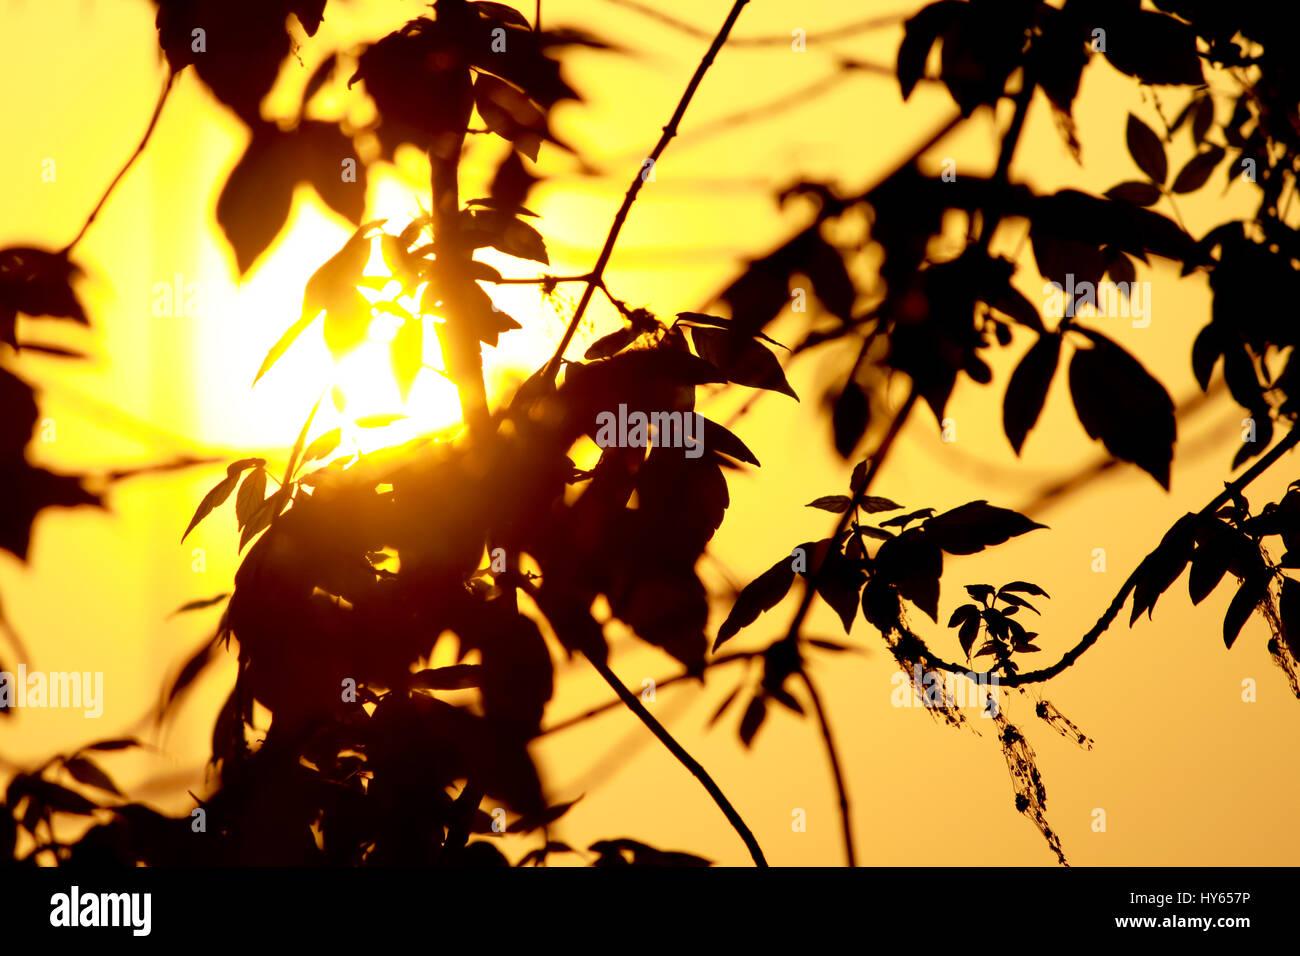 La luce del sole attraverso i rami e foglie. Immagini Stock